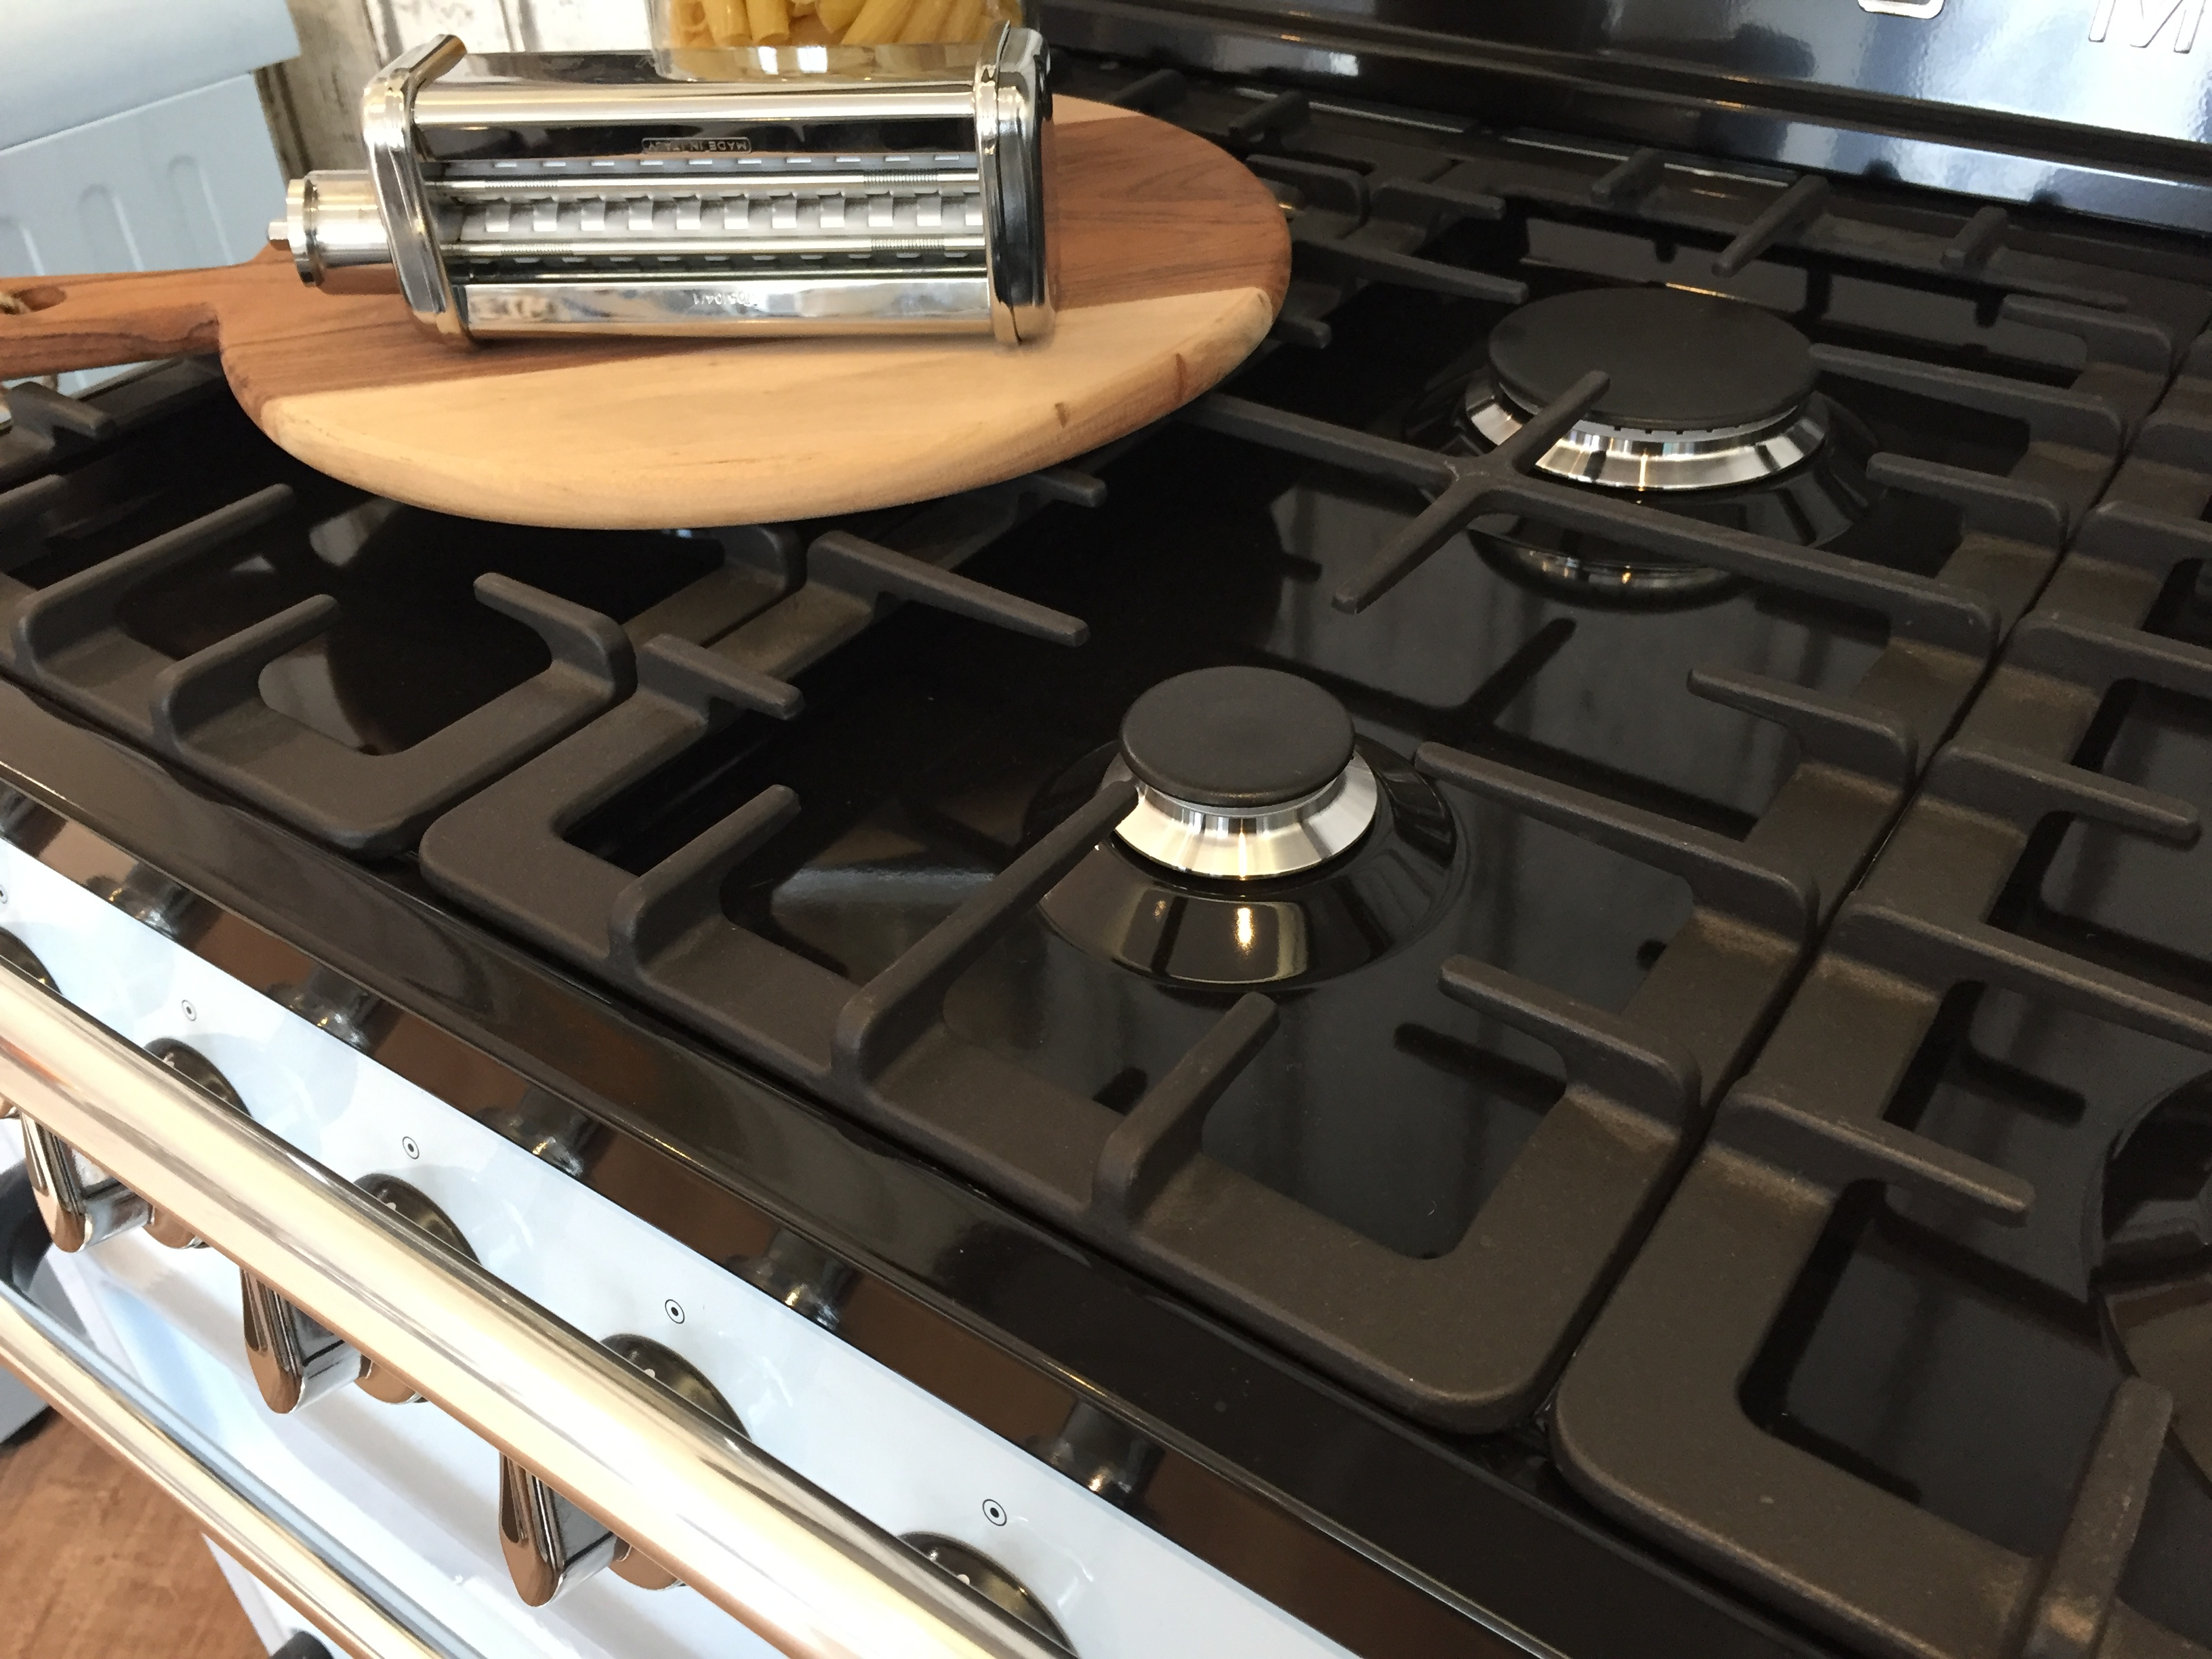 Gaskochfeld in der Küche - Küchen-Info